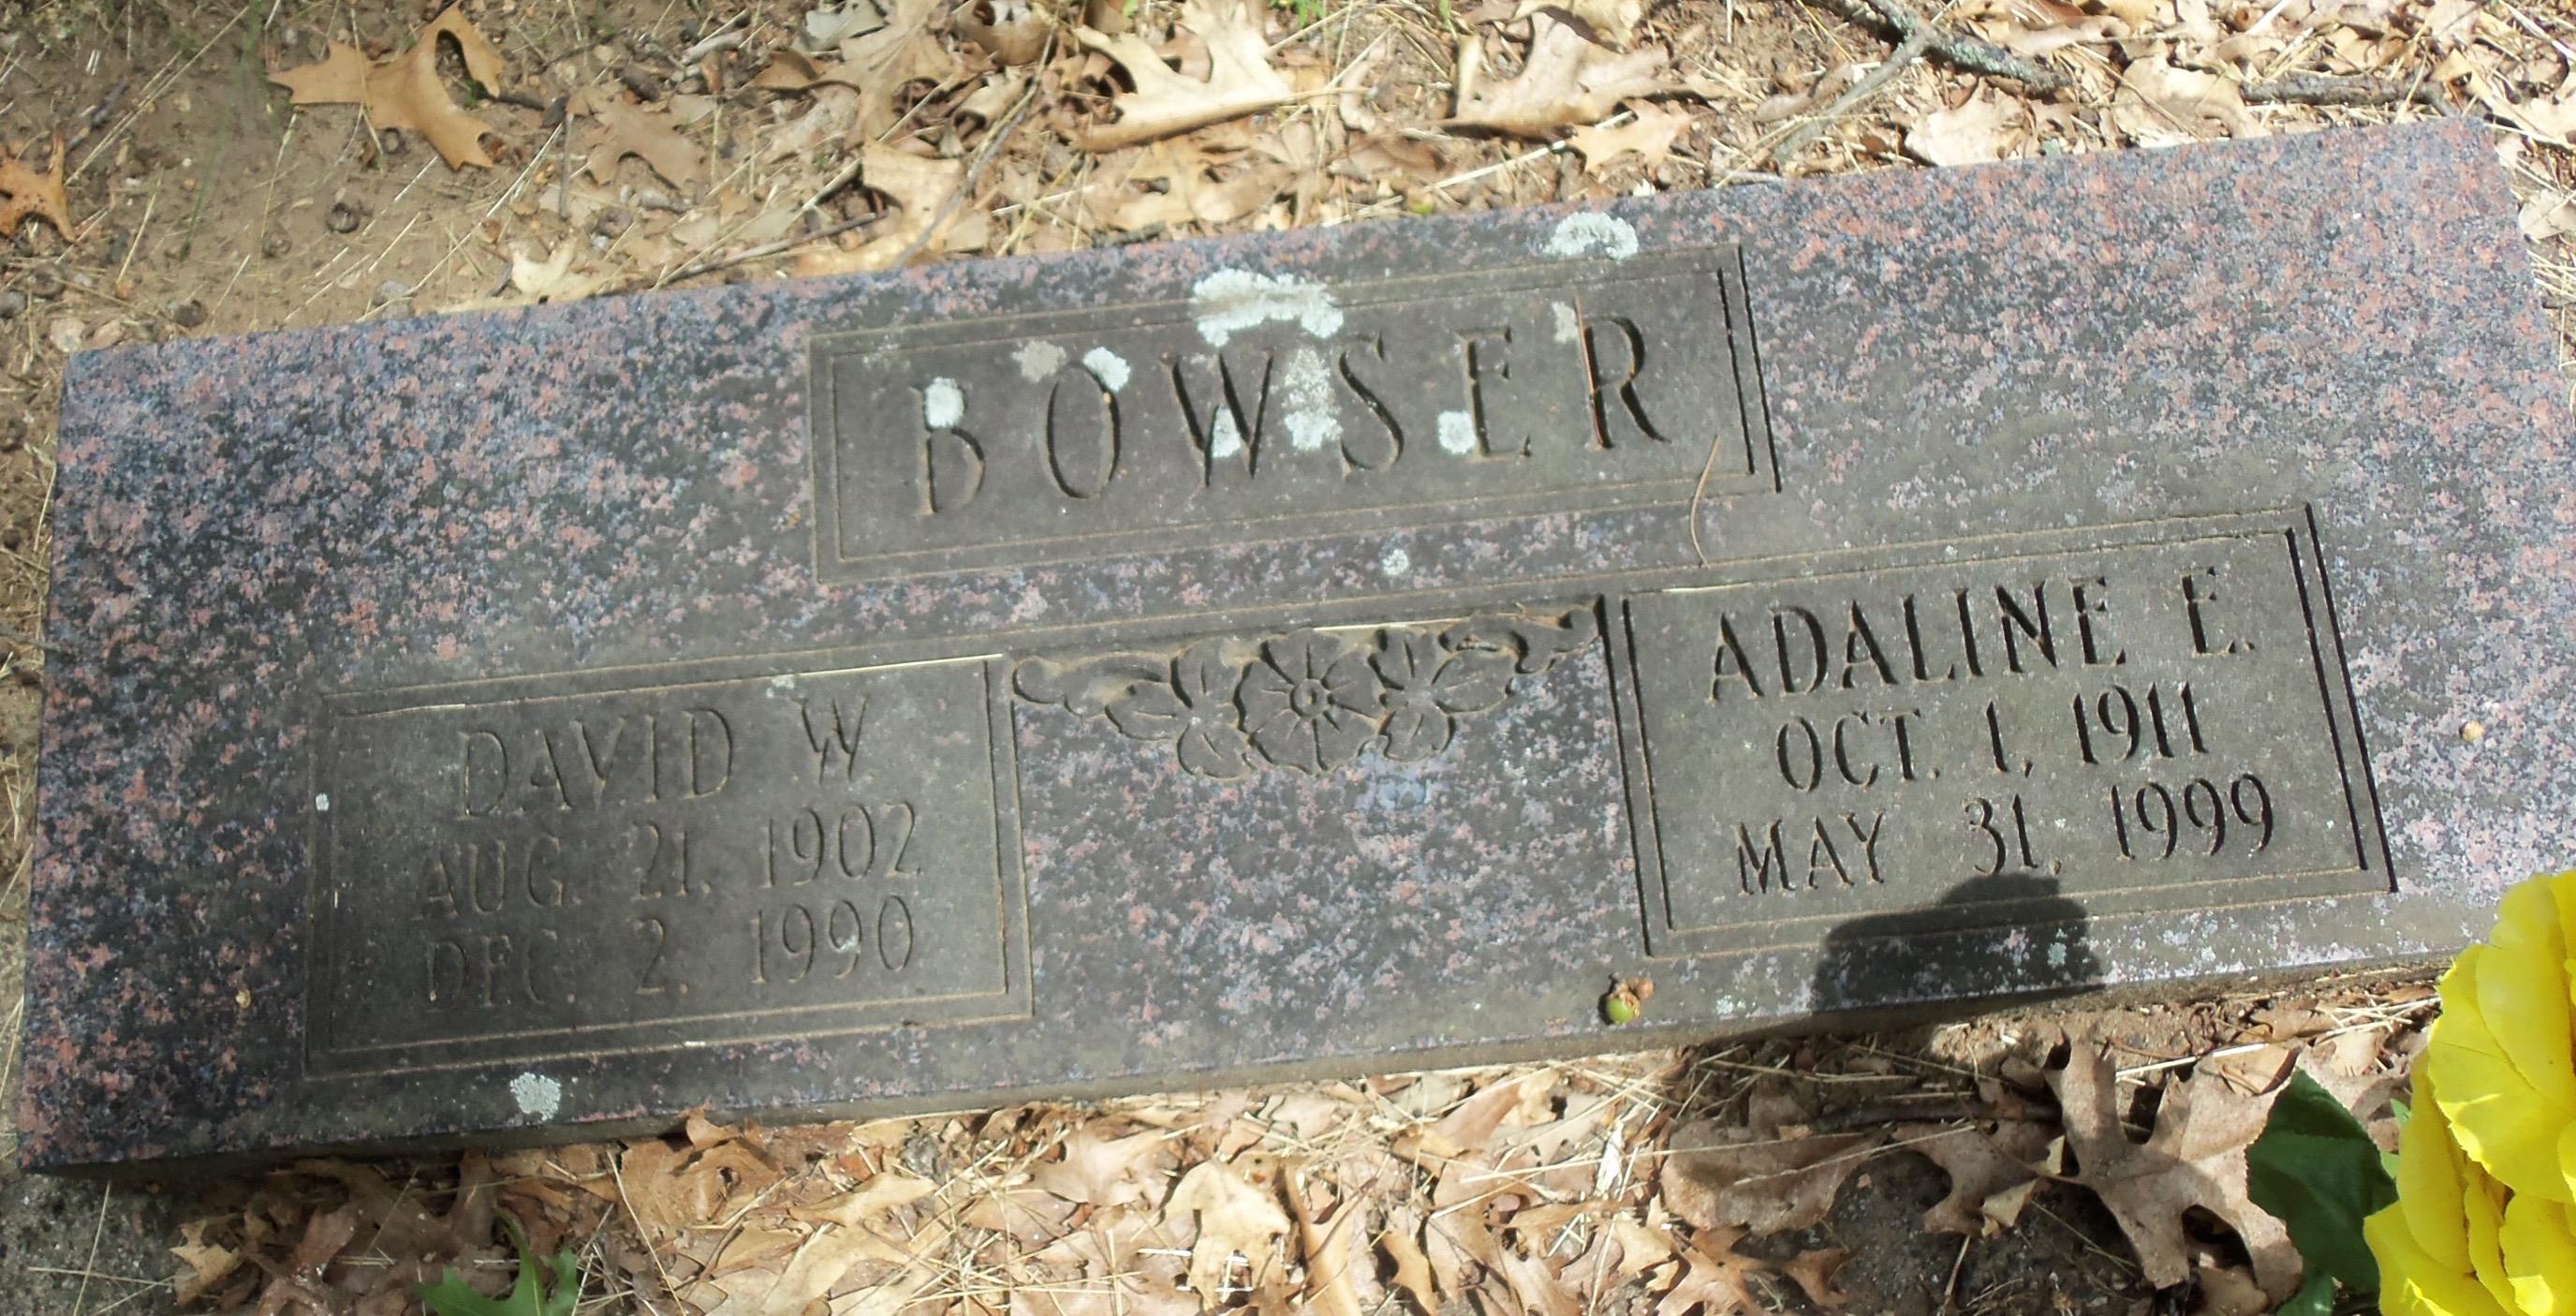 Adaline E. <i>Kaleas</i> Bowser